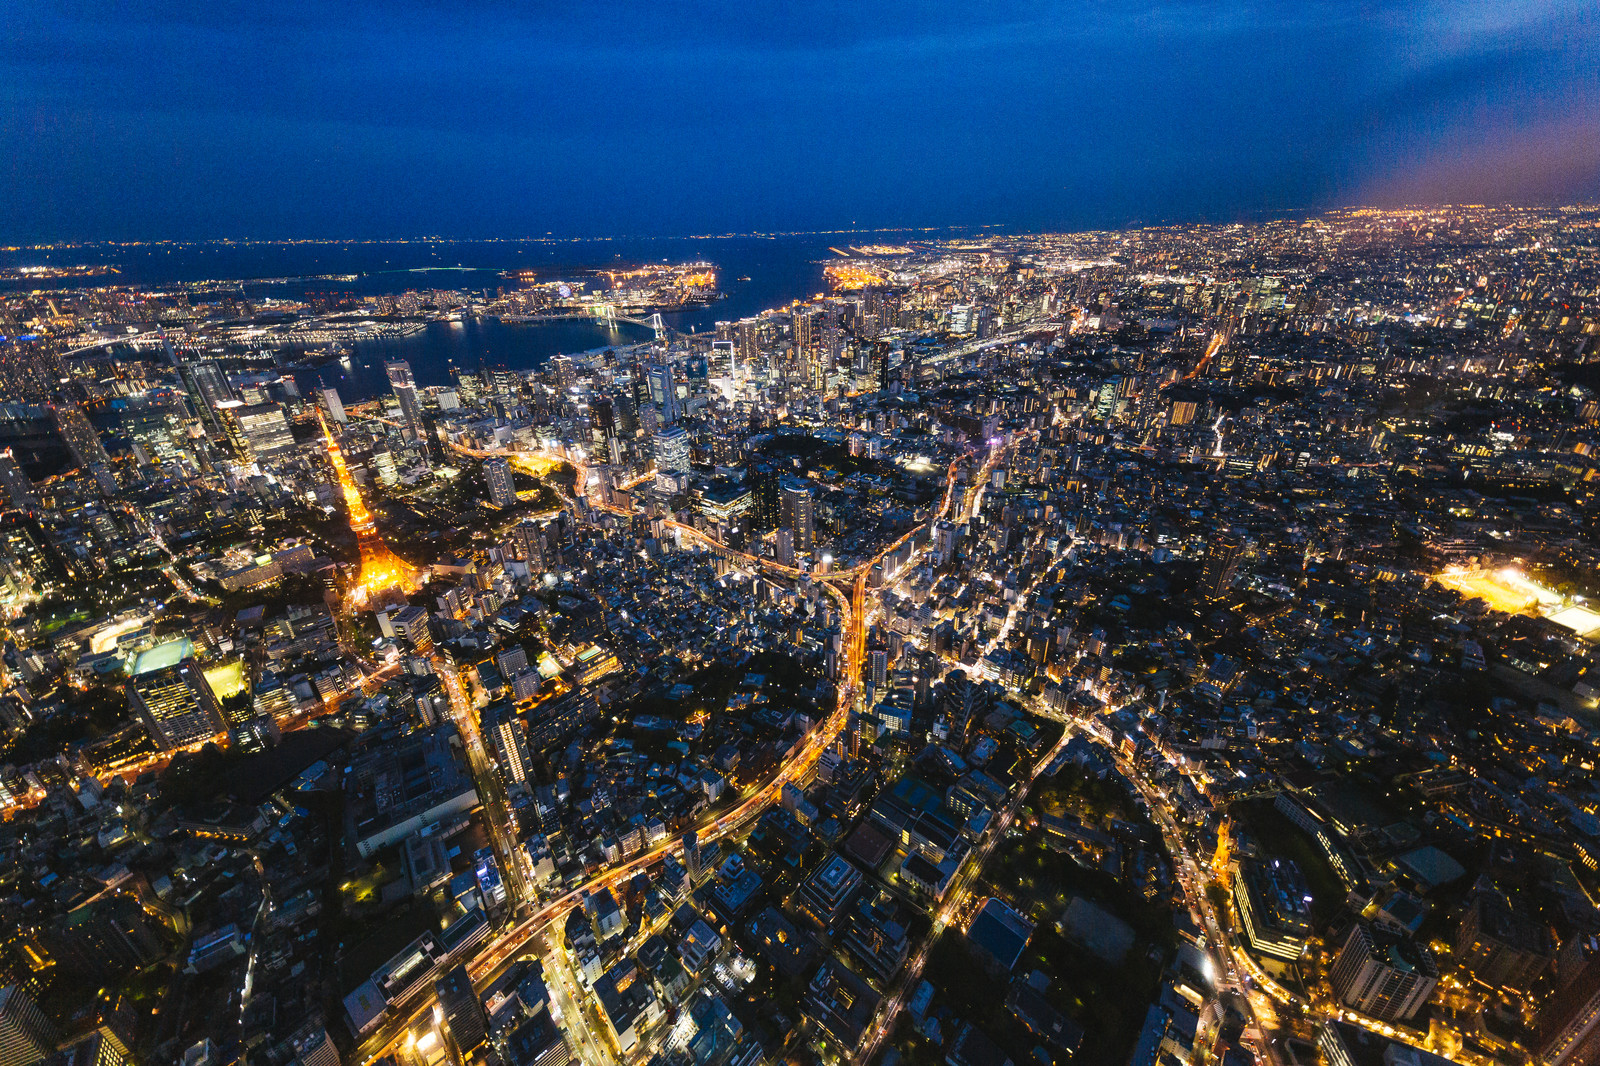 「東京タワー上空と都市景観(夜景)」の写真